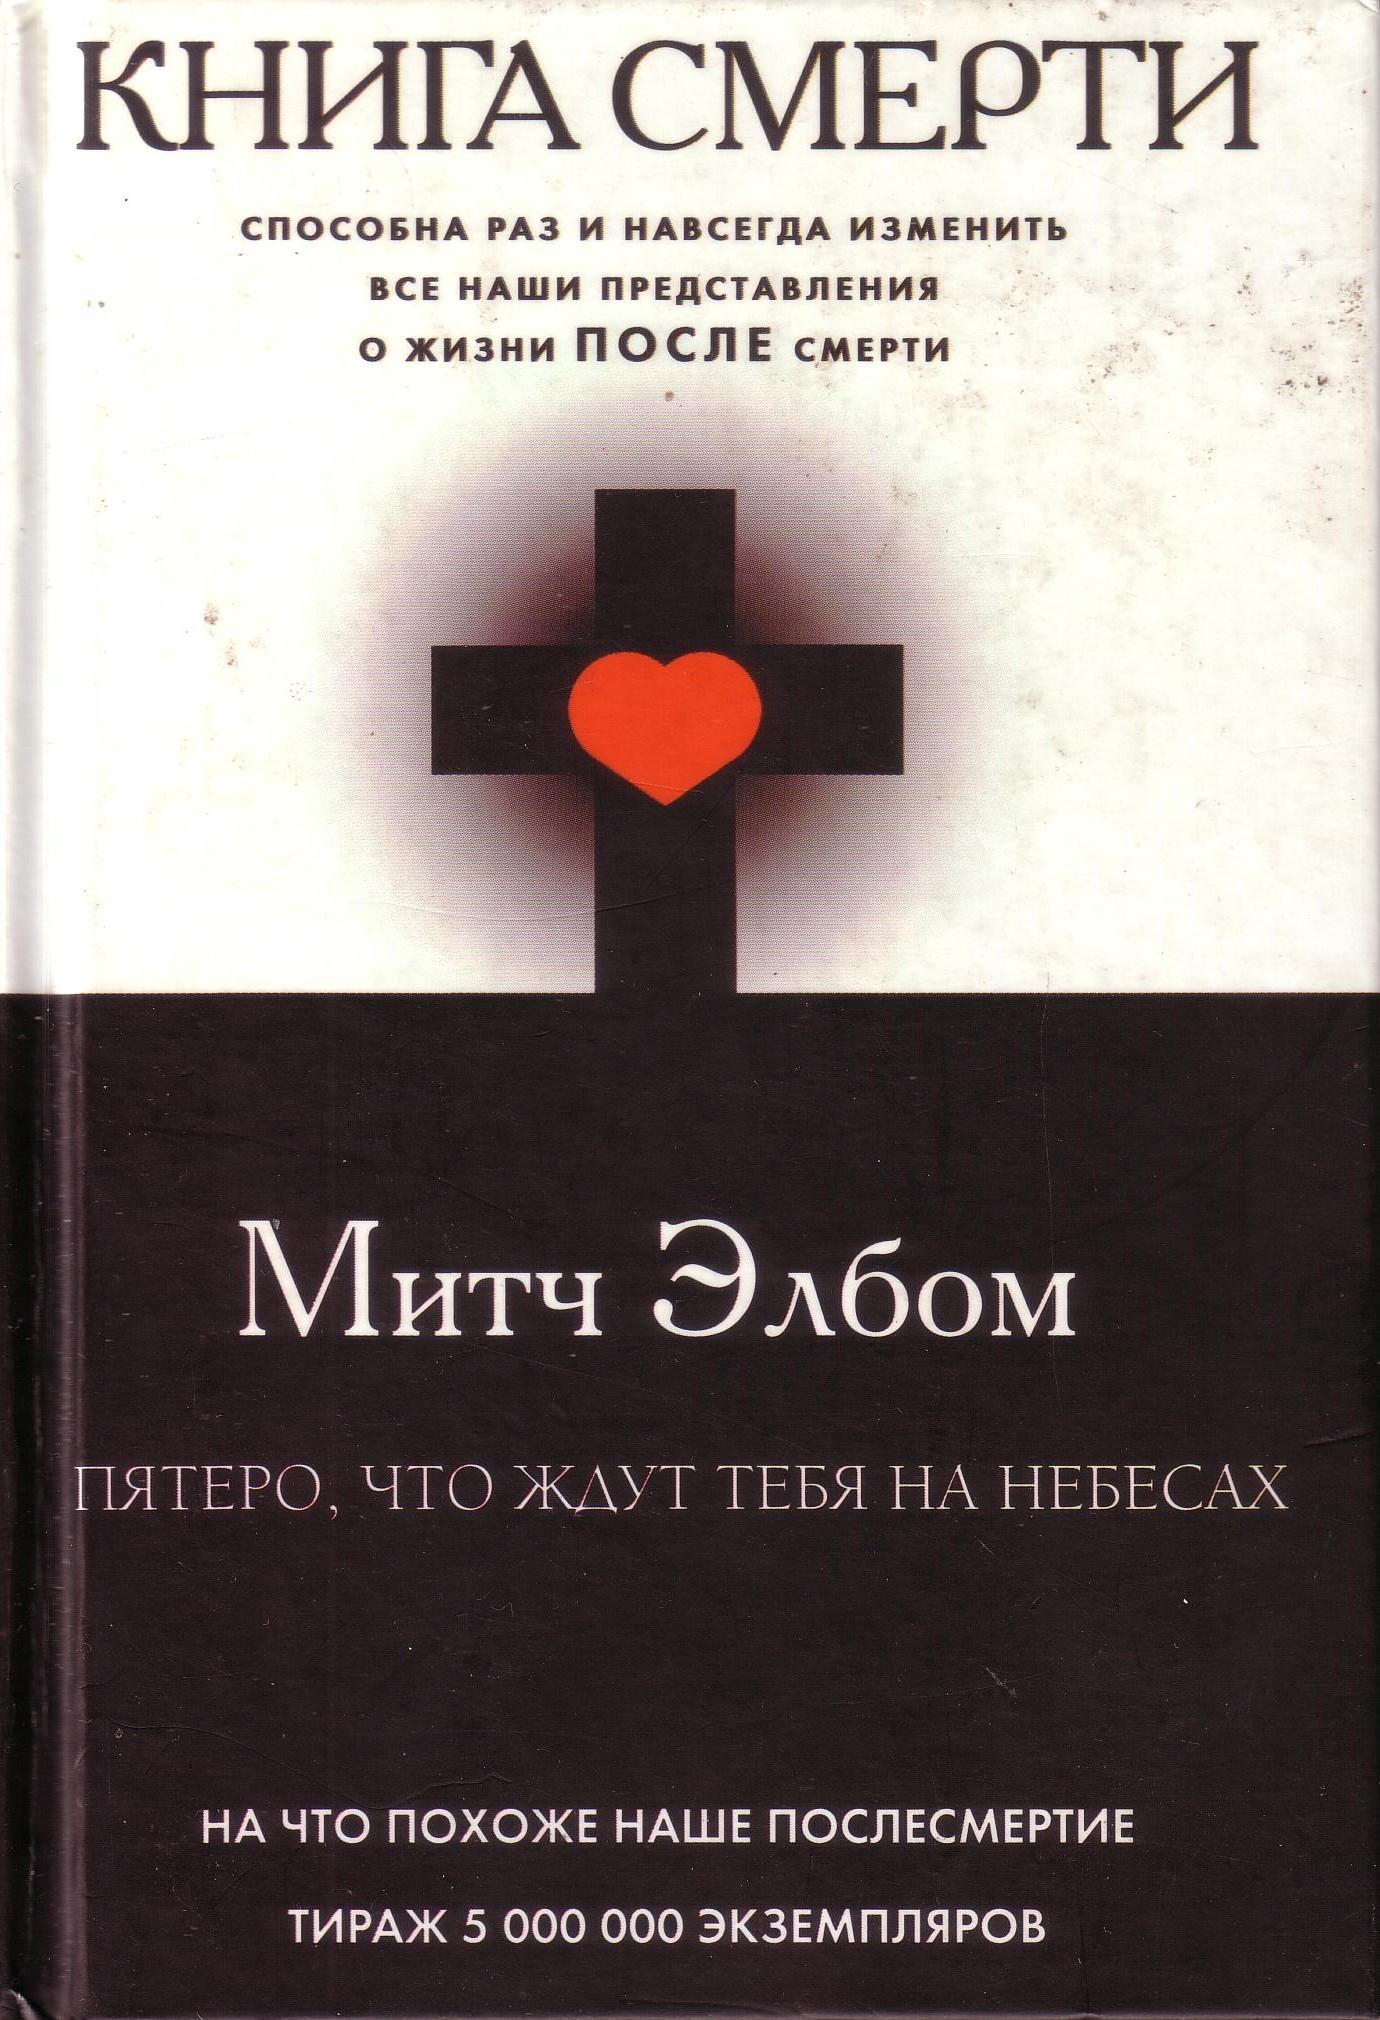 элбом митч книга смерти скачать